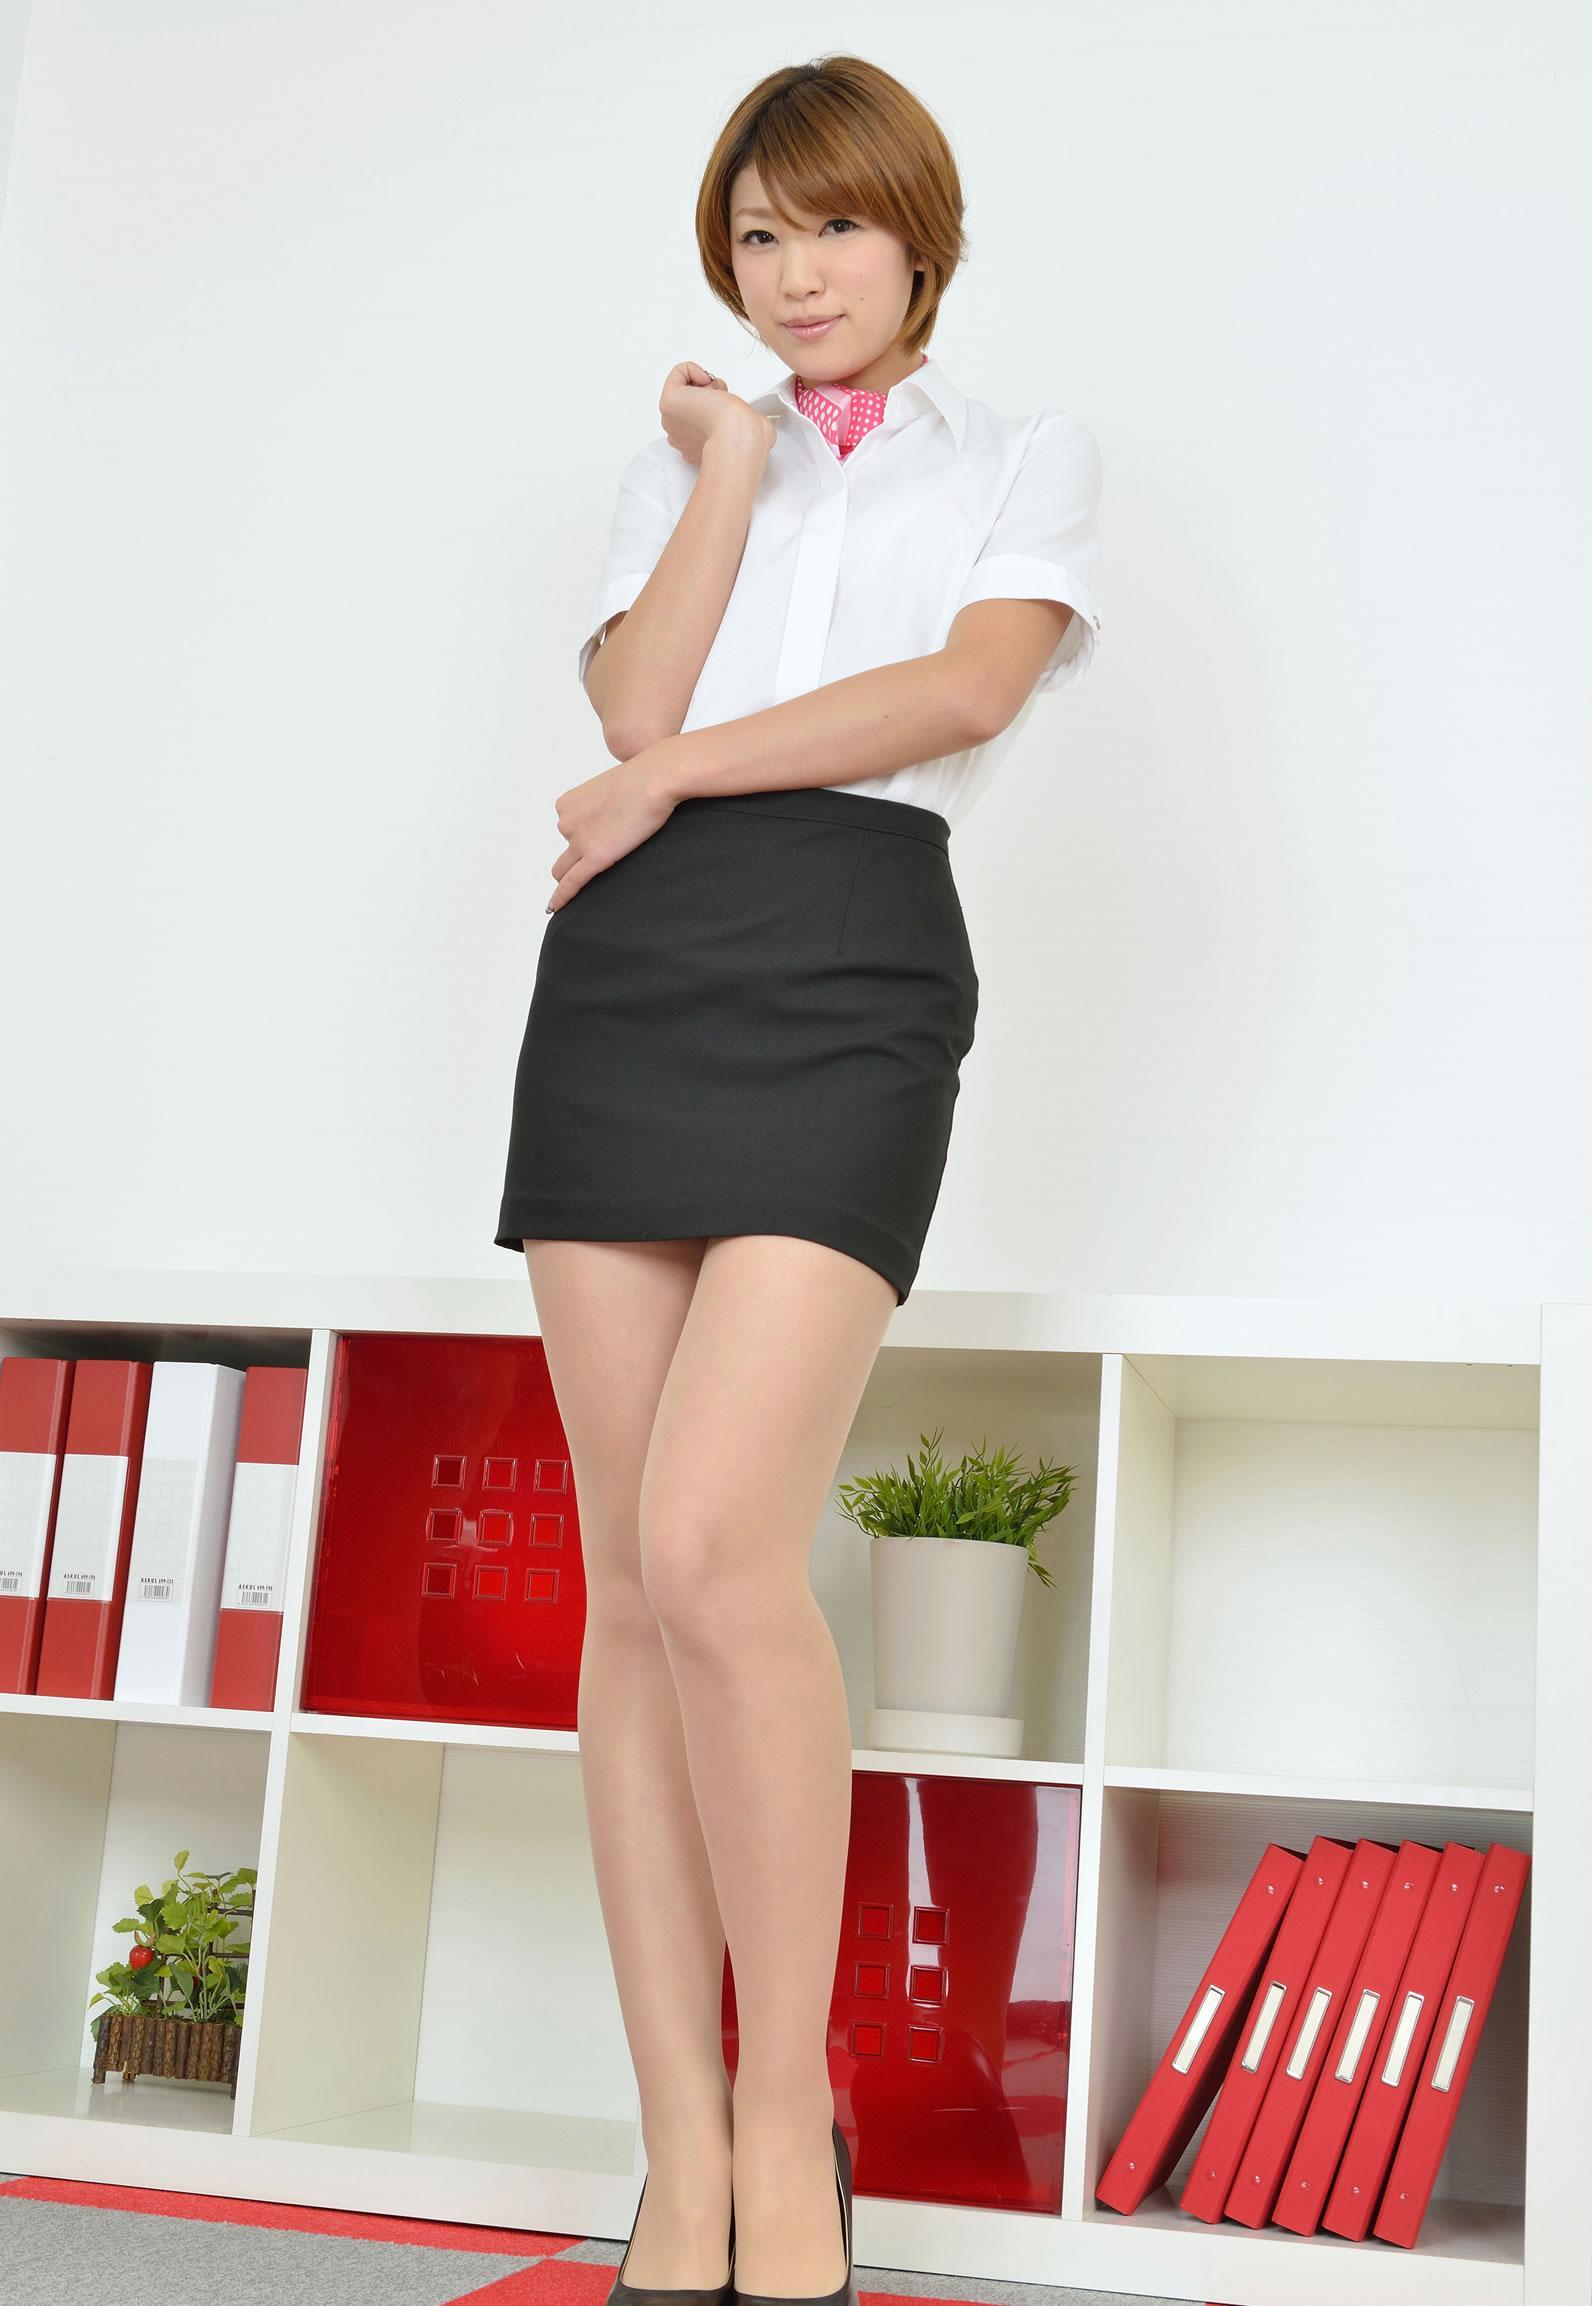 制服短裙  端庄白领 - 花開有聲 - 花開有聲